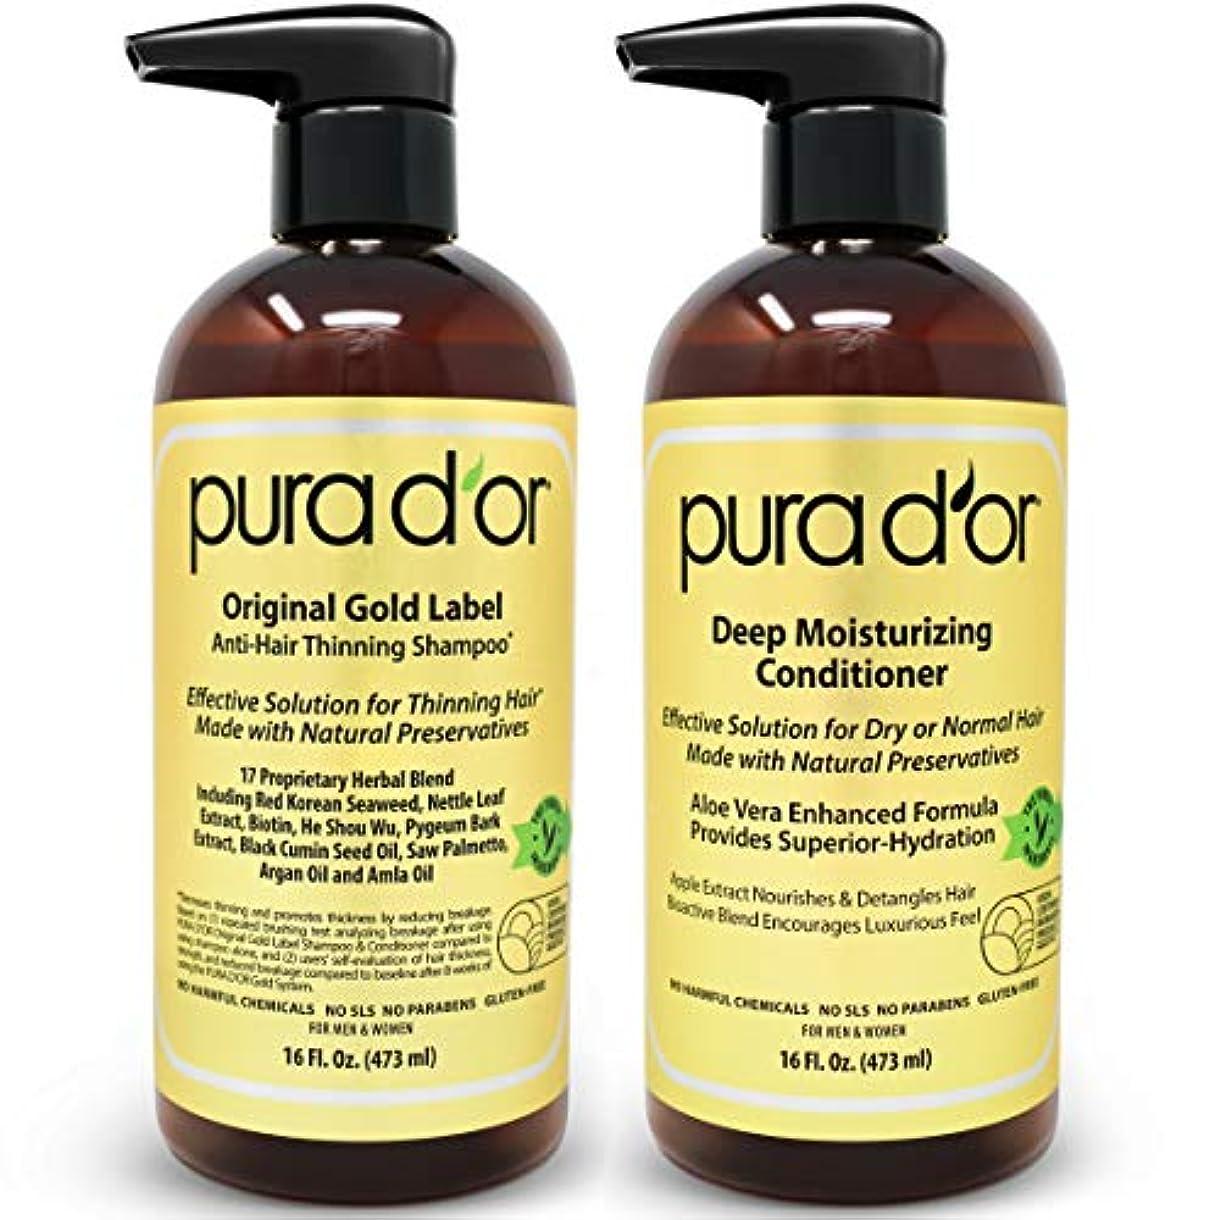 全くトロイの木馬違反PURA D'OR オリジナル ゴールド ラベル 薄毛予防用 -臨床実験済み -アルガンオイル、ビオチン、天然原料、硫酸系化合物不使用、全髪タイプに、男性&女性用(パッケージは異なる場合があります) シャンプー&コンディショナー